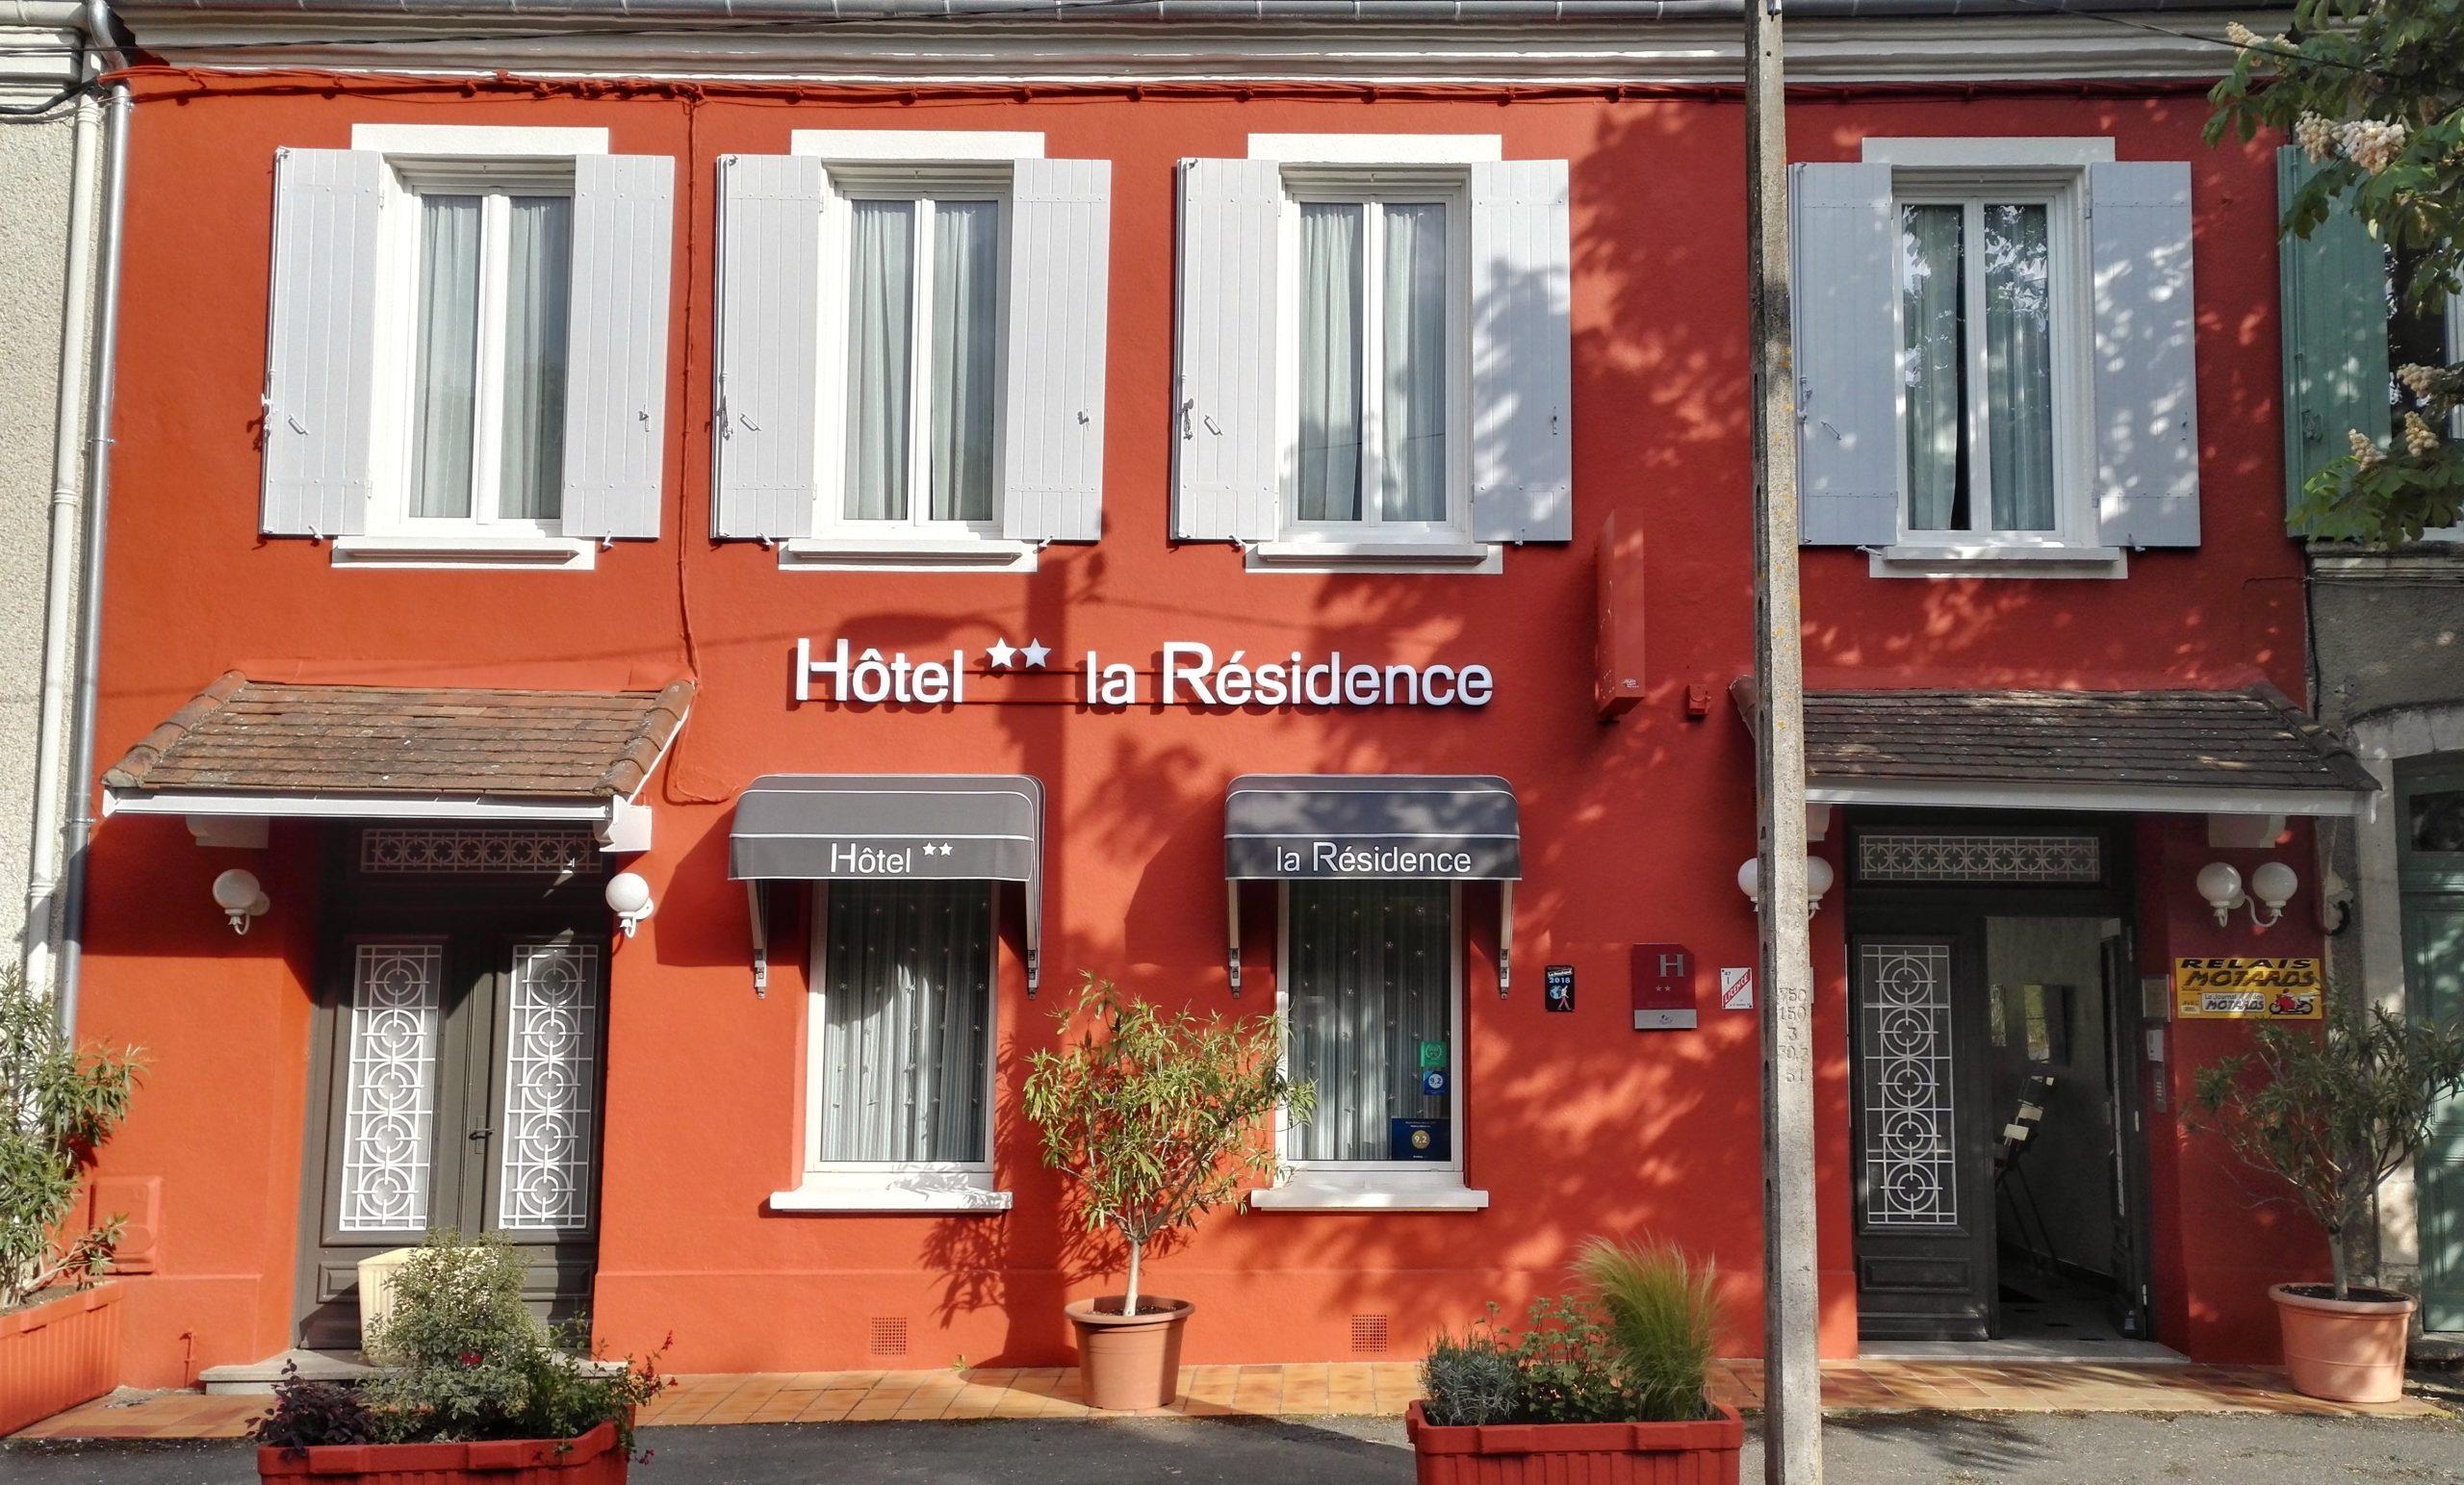 La-residence-2-scaled.jpeg